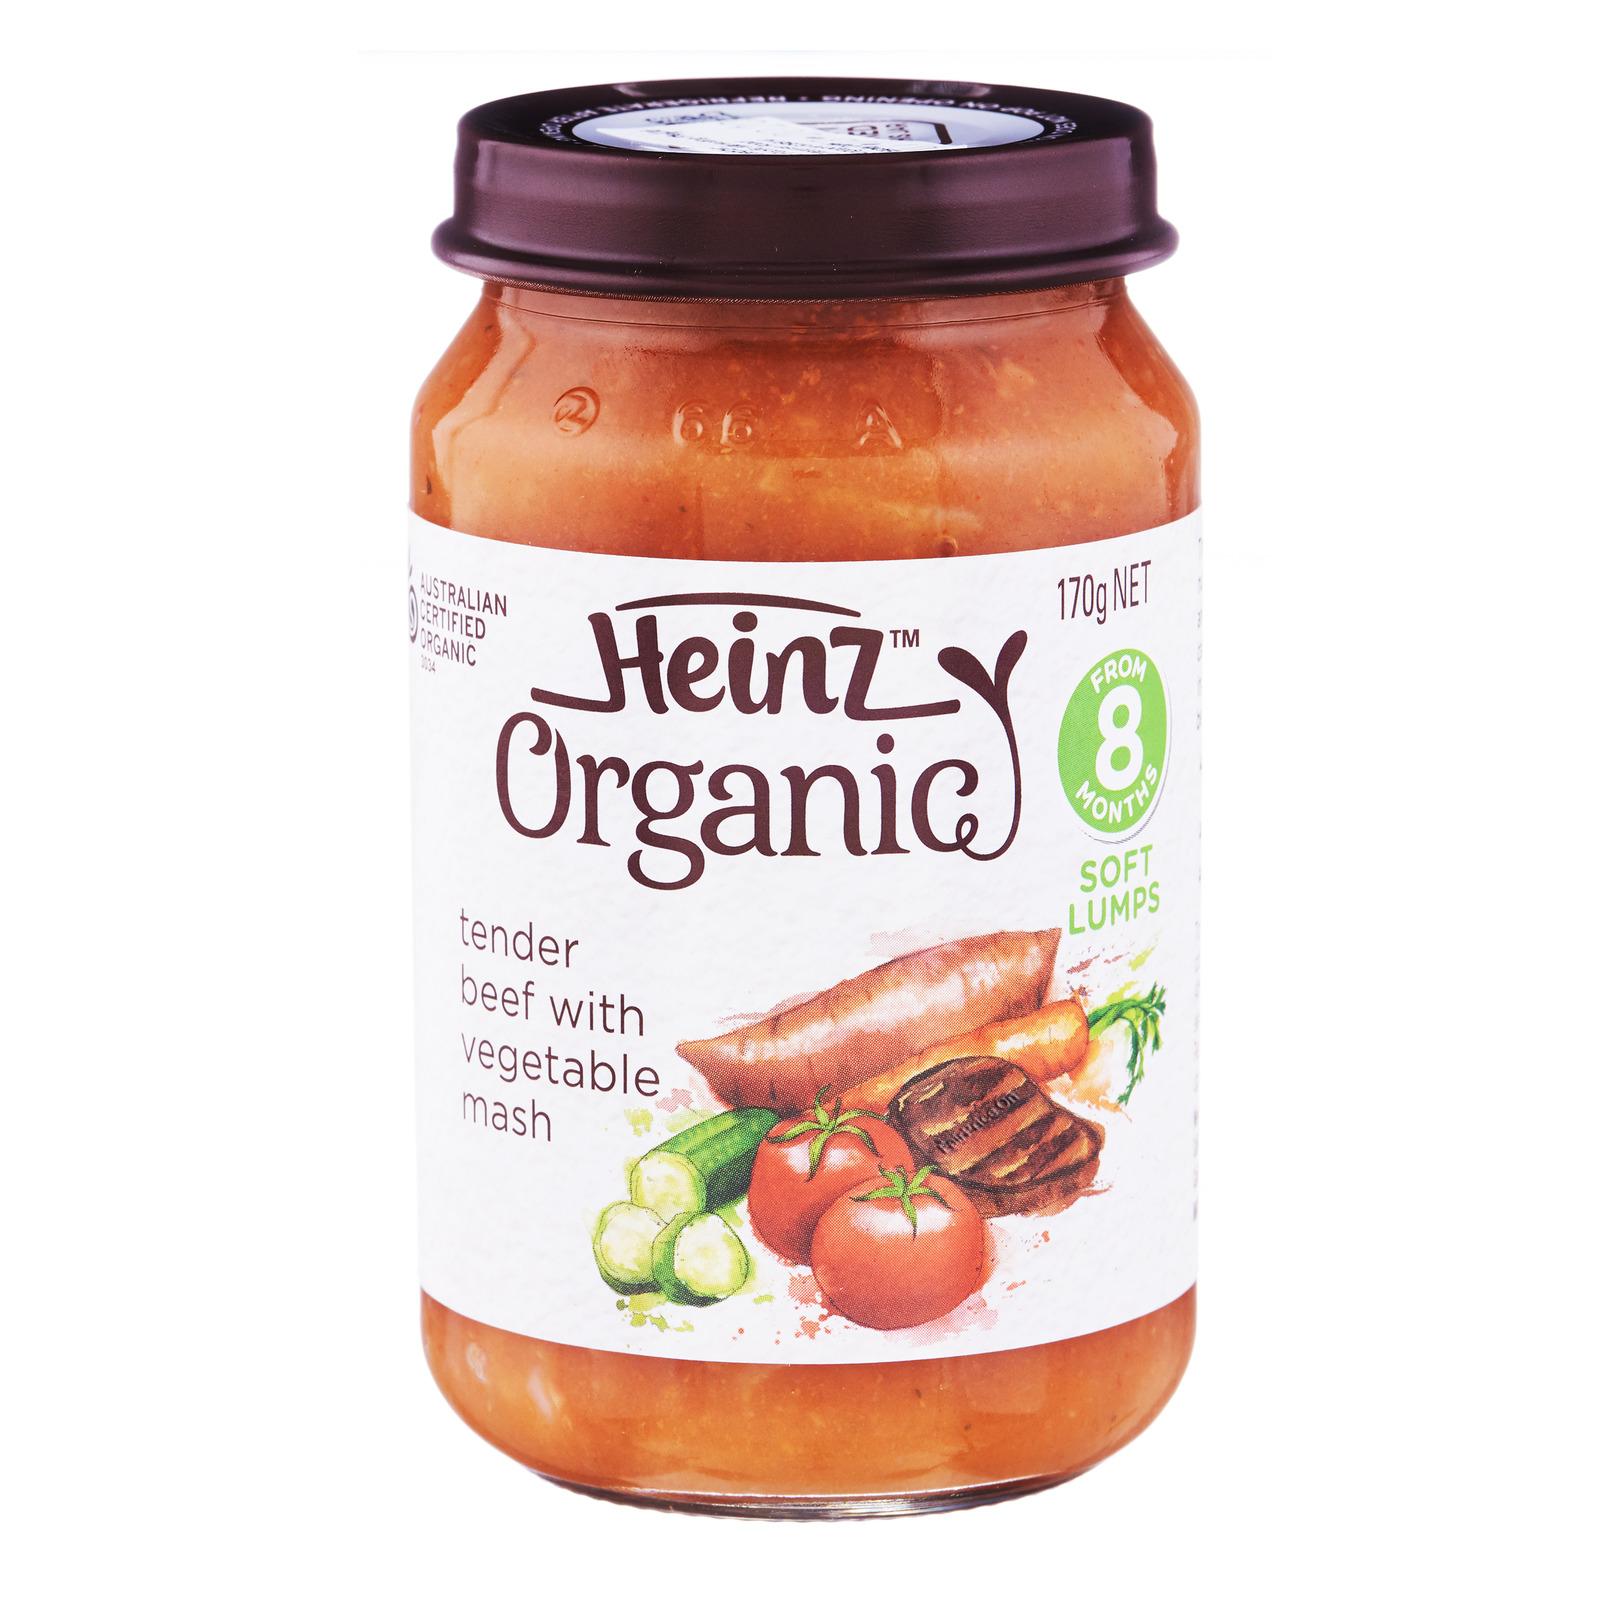 Heinz Organic Baby Food - Tender Beef Vegetable Mash (8+ Months)